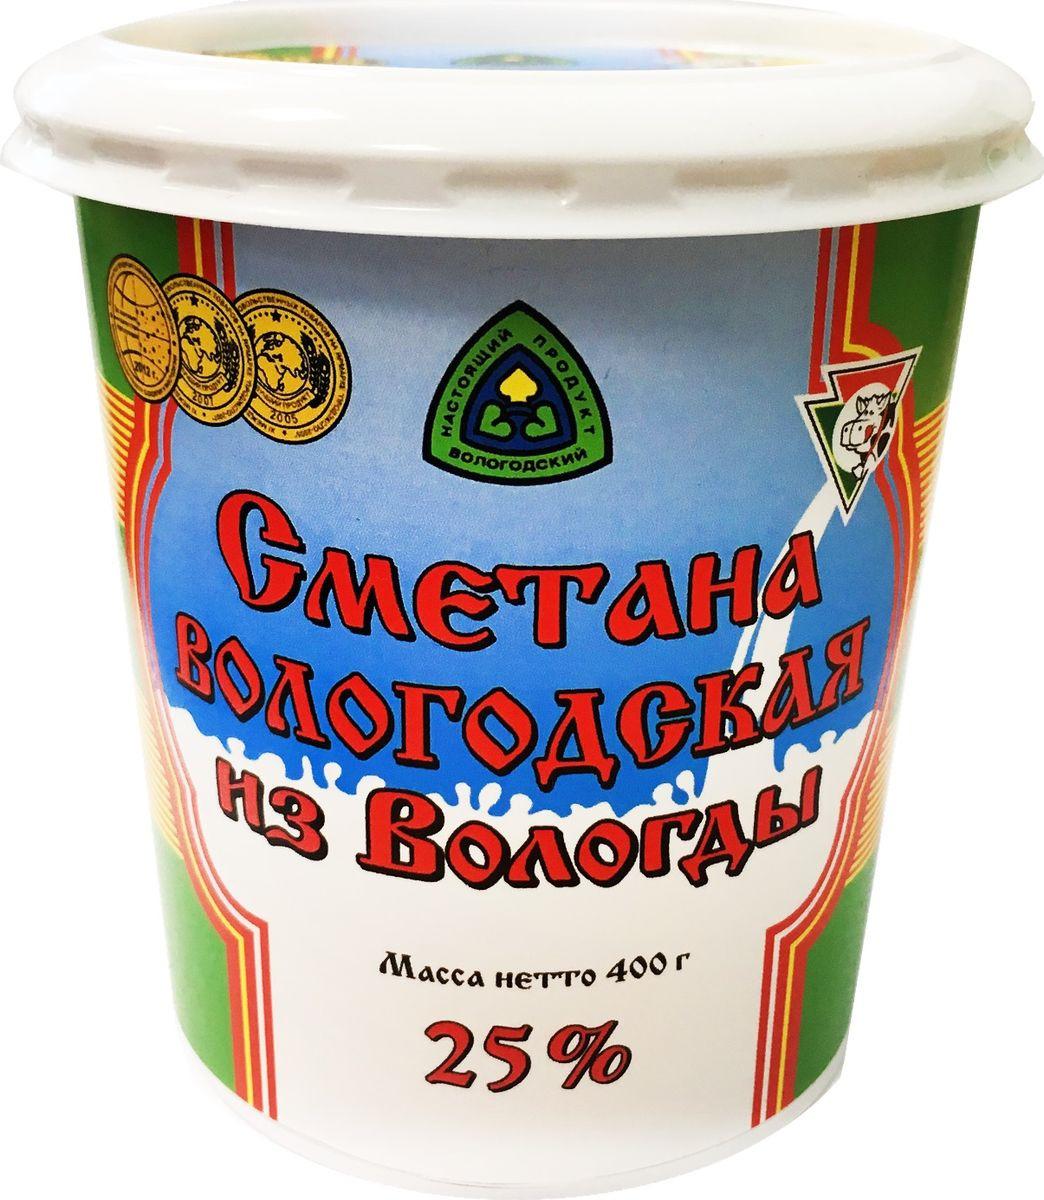 Сметана Из Вологды Вологодская, 25%, 400 г